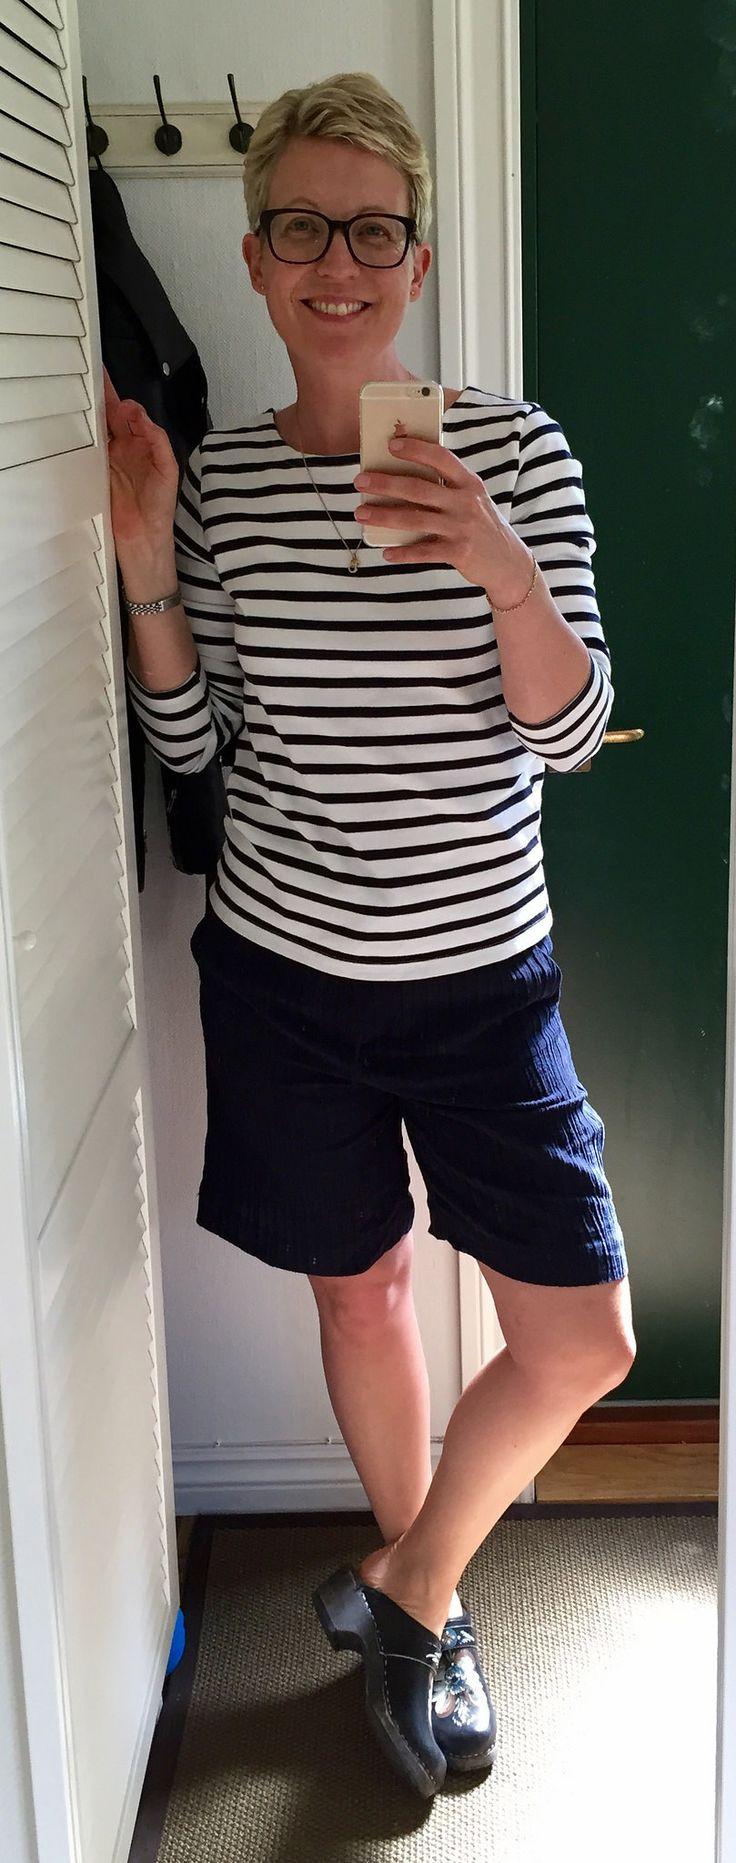 https://flic.kr/p/uhhG8e | 2015-06-07 | Vit- och blårandig tröja Busnel, mörkblå shorts H&M, träskor med kurbits